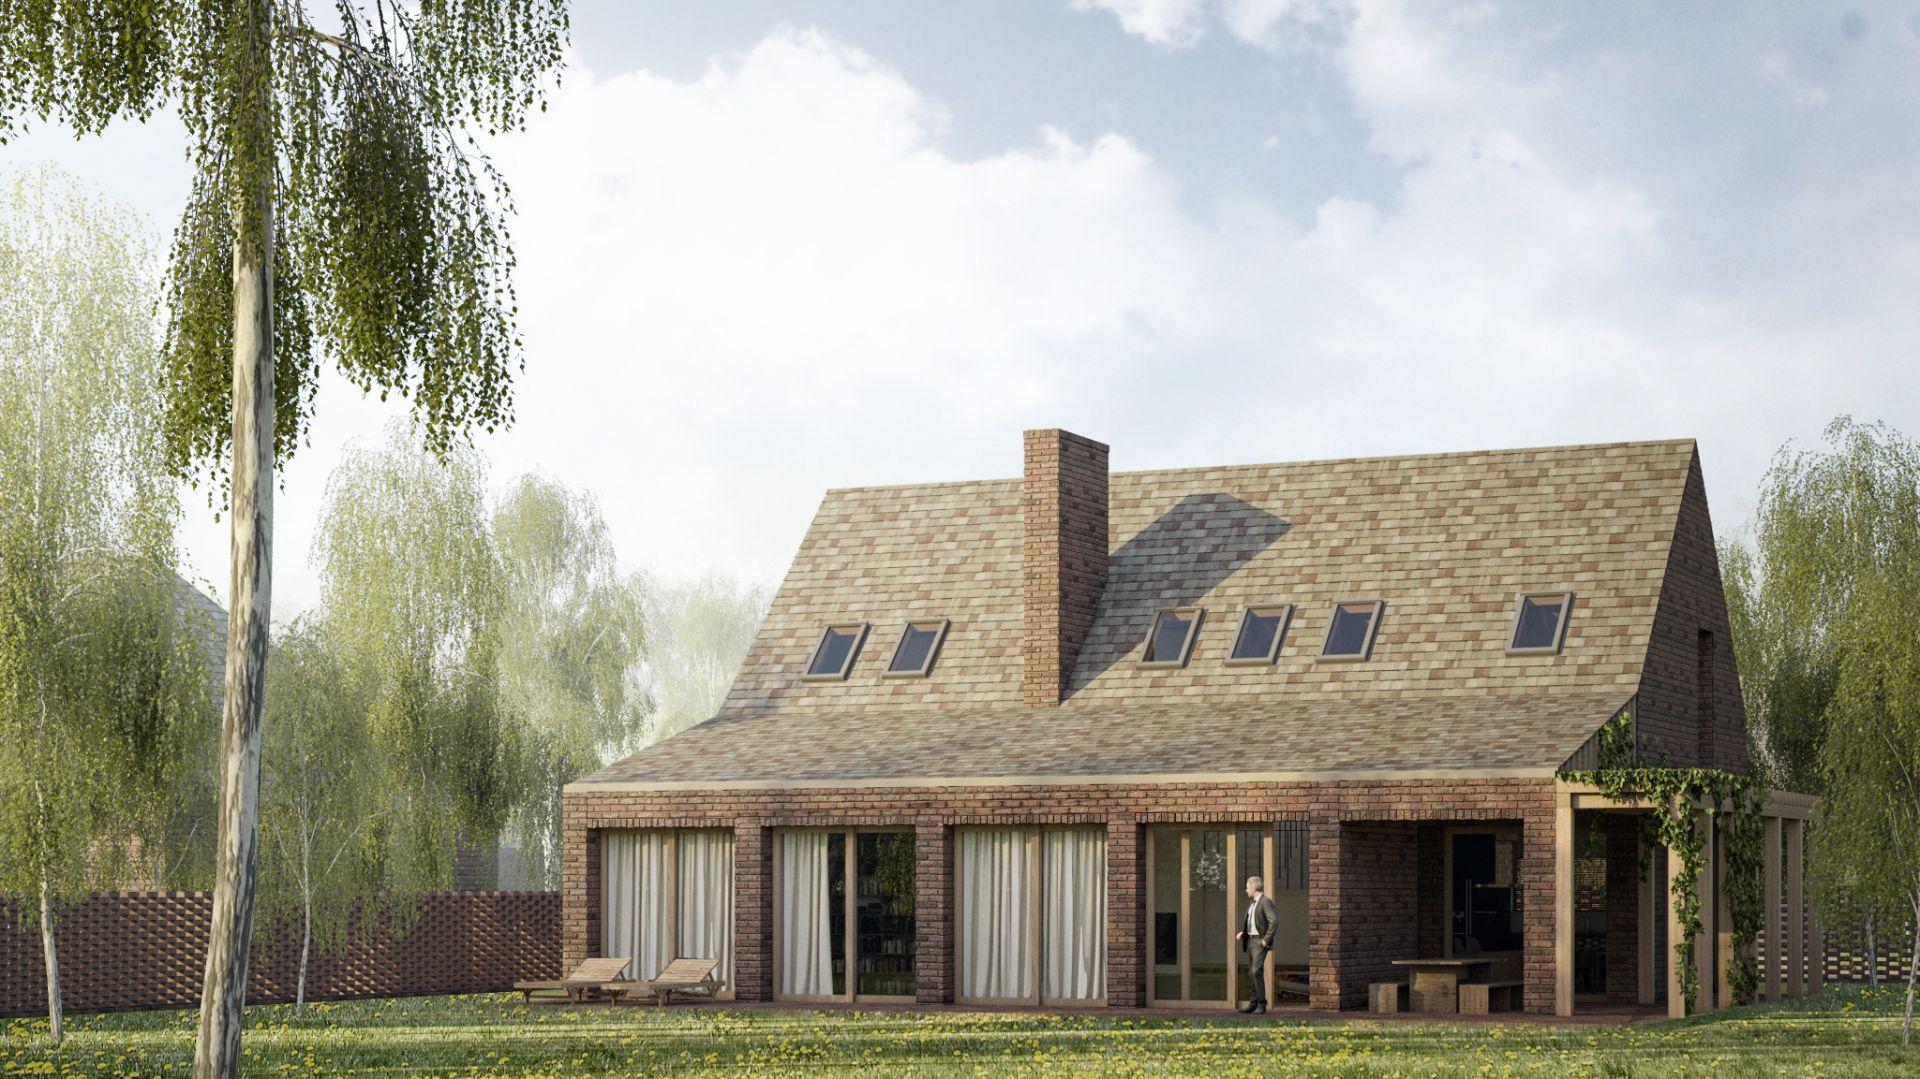 Dom ma kształt uproszczonej stodoły z dobudówką w formie niewielkiej werandy. Projekt: Mateusz Frankowski, Paweł Lipiński, Fryderyk Graniczny, biuro architektoniczne Ggrupa